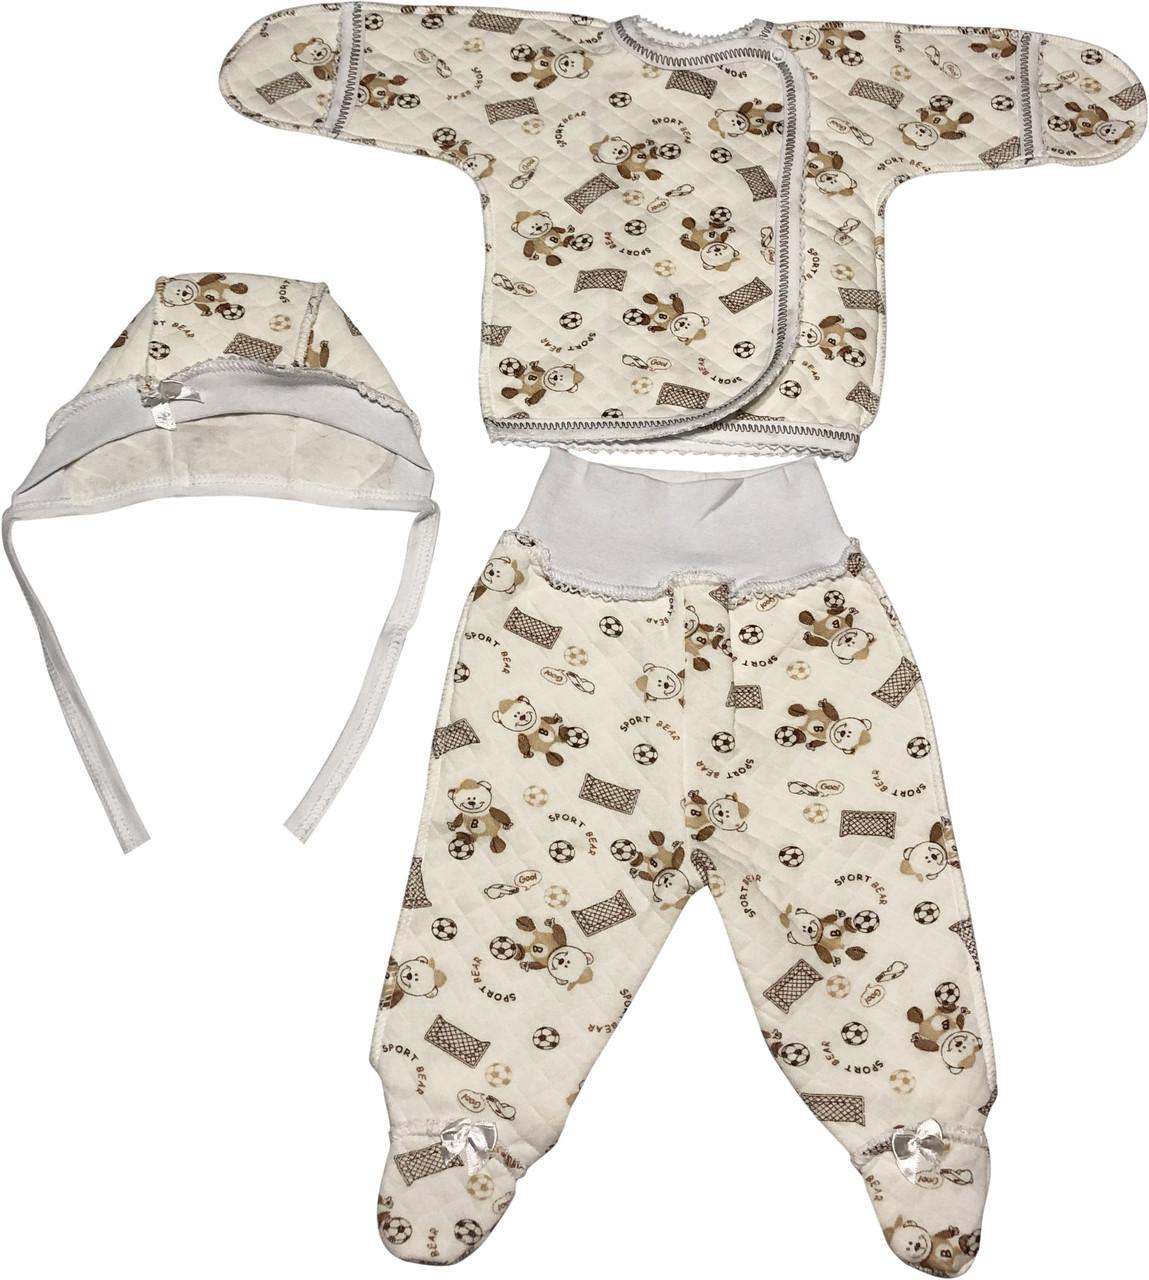 Дитячий костюм ріст 56 0-2 міс капітон молочний на хлопчика дівчинку (комплект на виписку) для